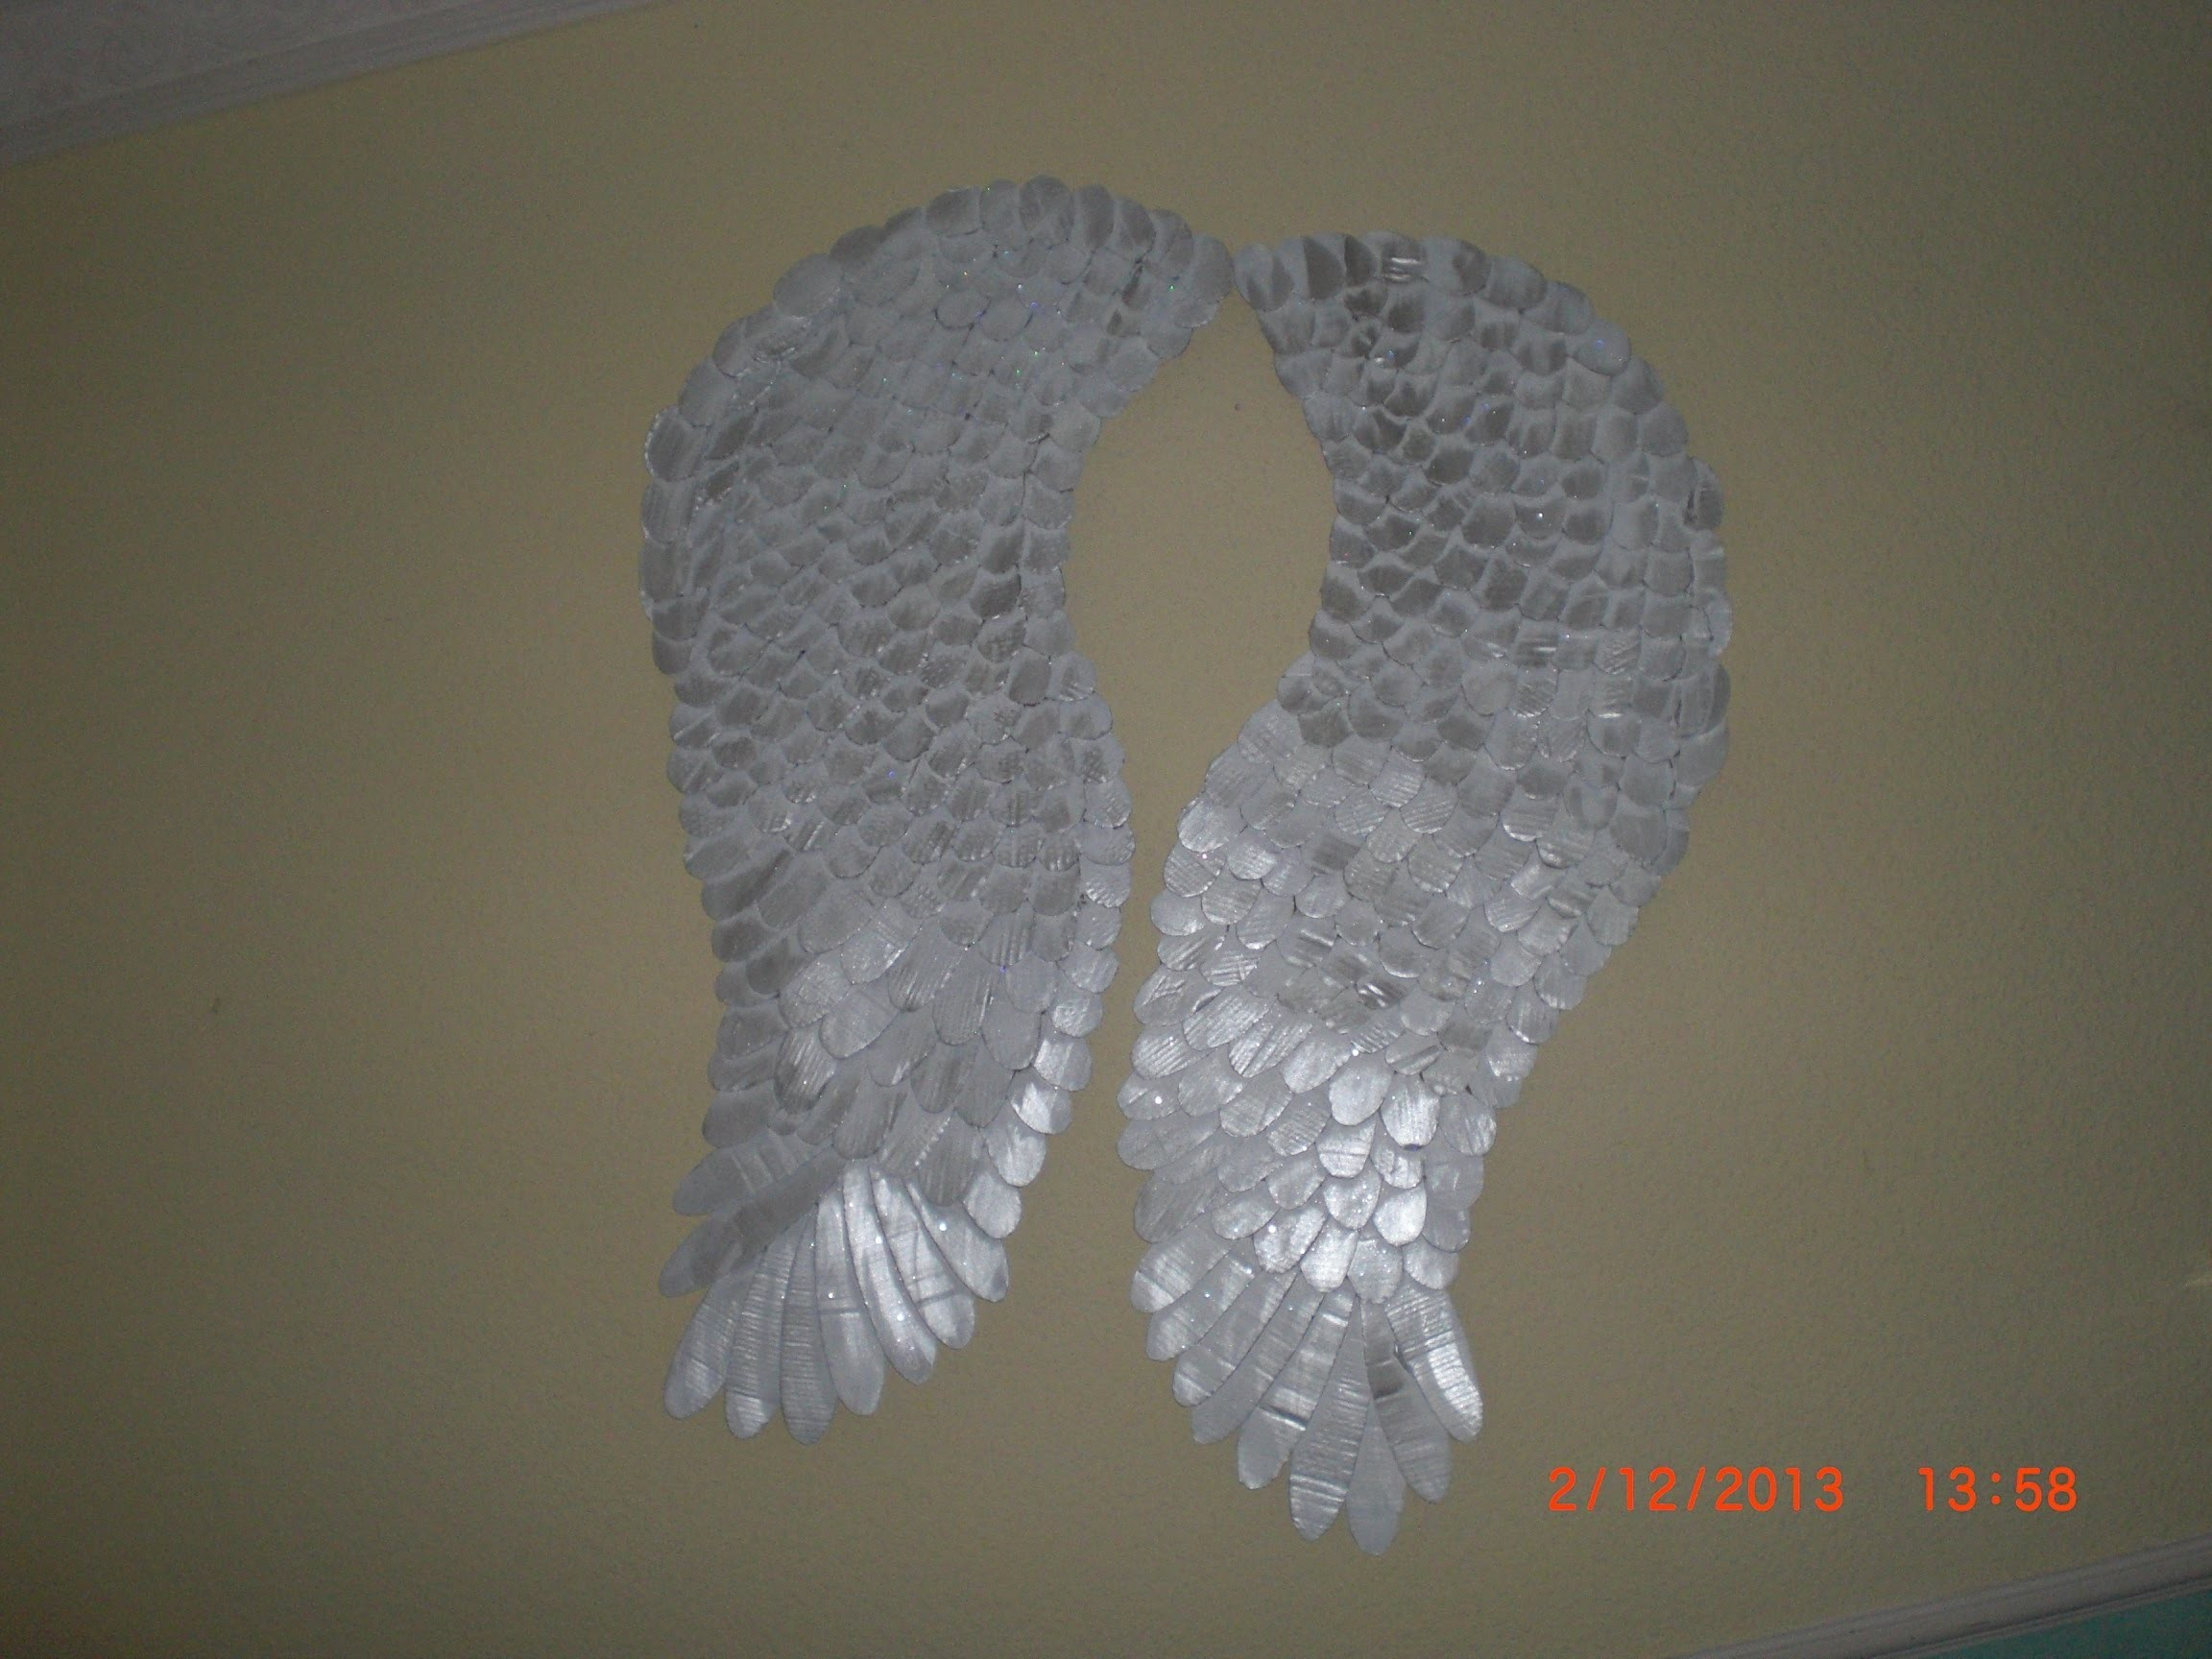 DIY - Bastelanleitung - Engelflügel - Angelwings - Flügel Engel - Flügel aus Pappe